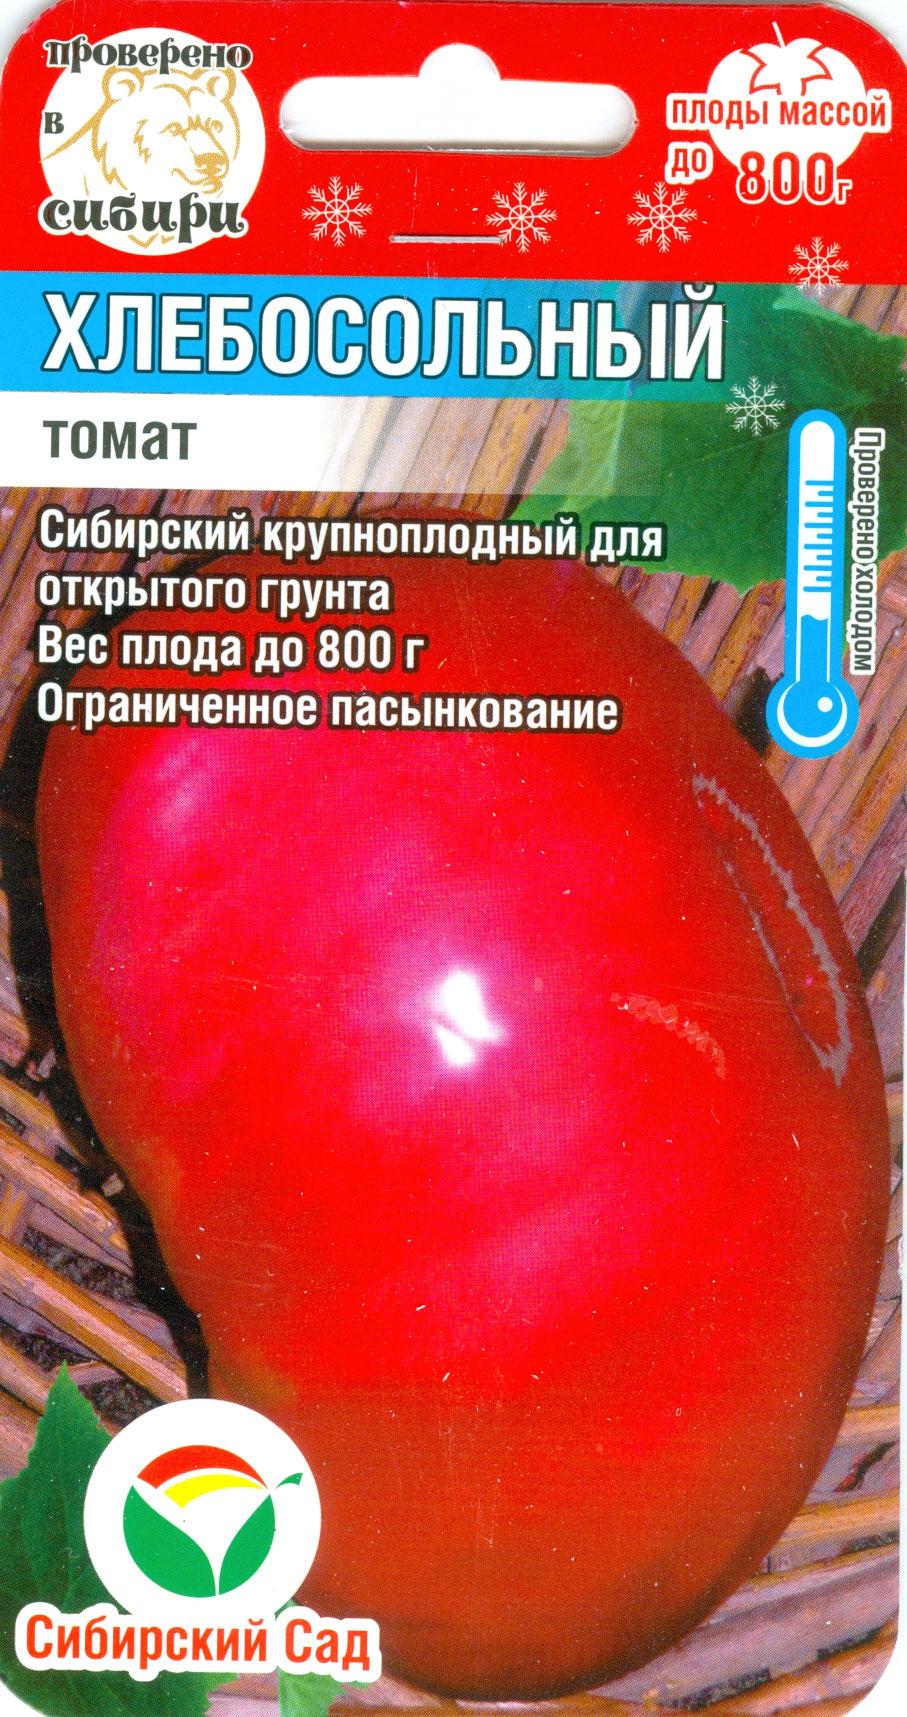 """Томат """"хлебосольный"""": описание и характеристики сорта, рекомендации по выращиванию и фото плодов-помидоров русский фермер"""